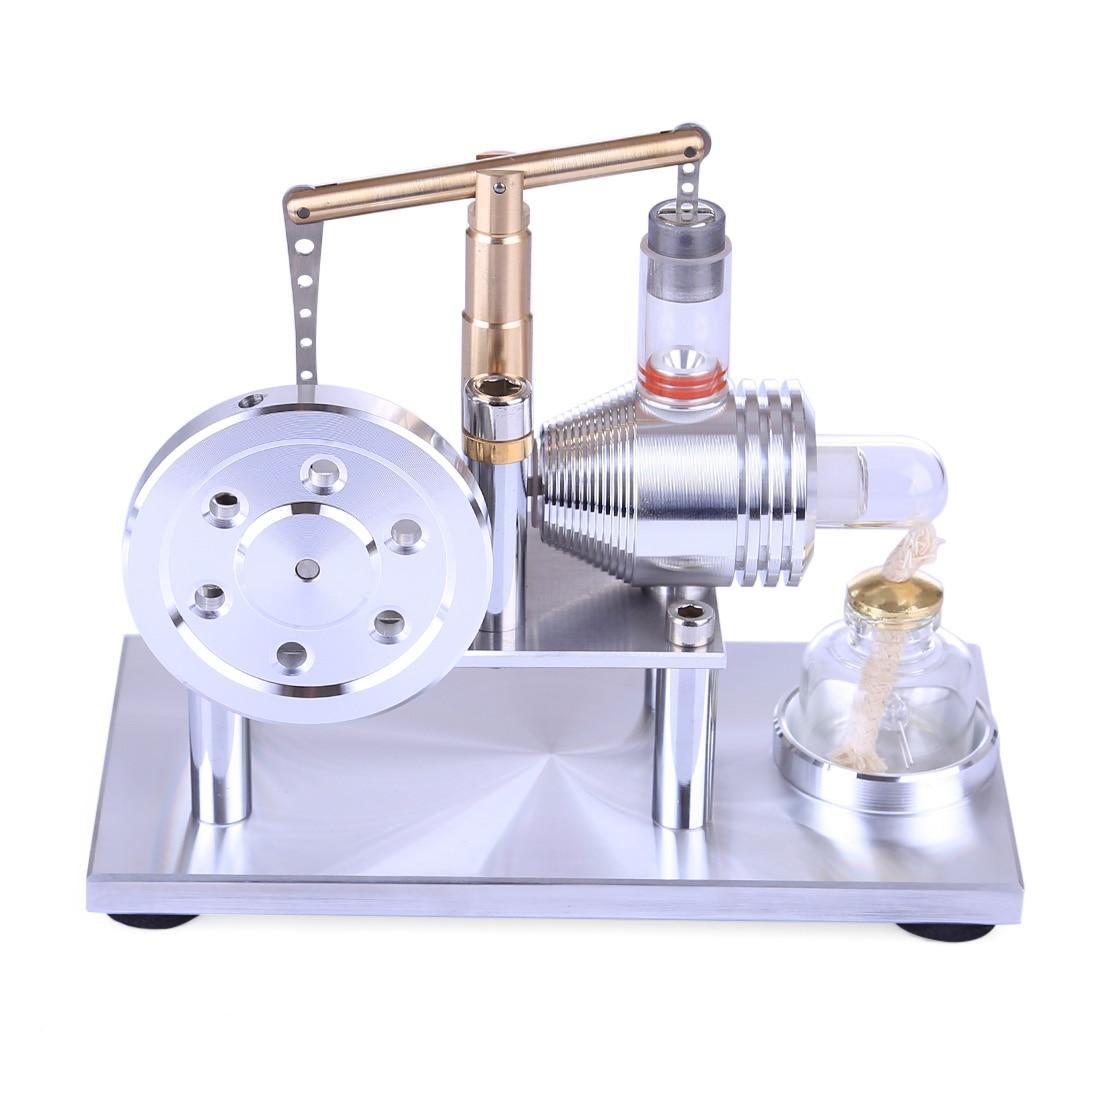 Balance Stirling moteur modèle Kits éducation modèle bricolage tige de vapeur modèle Kits de construction jouets pour enfants